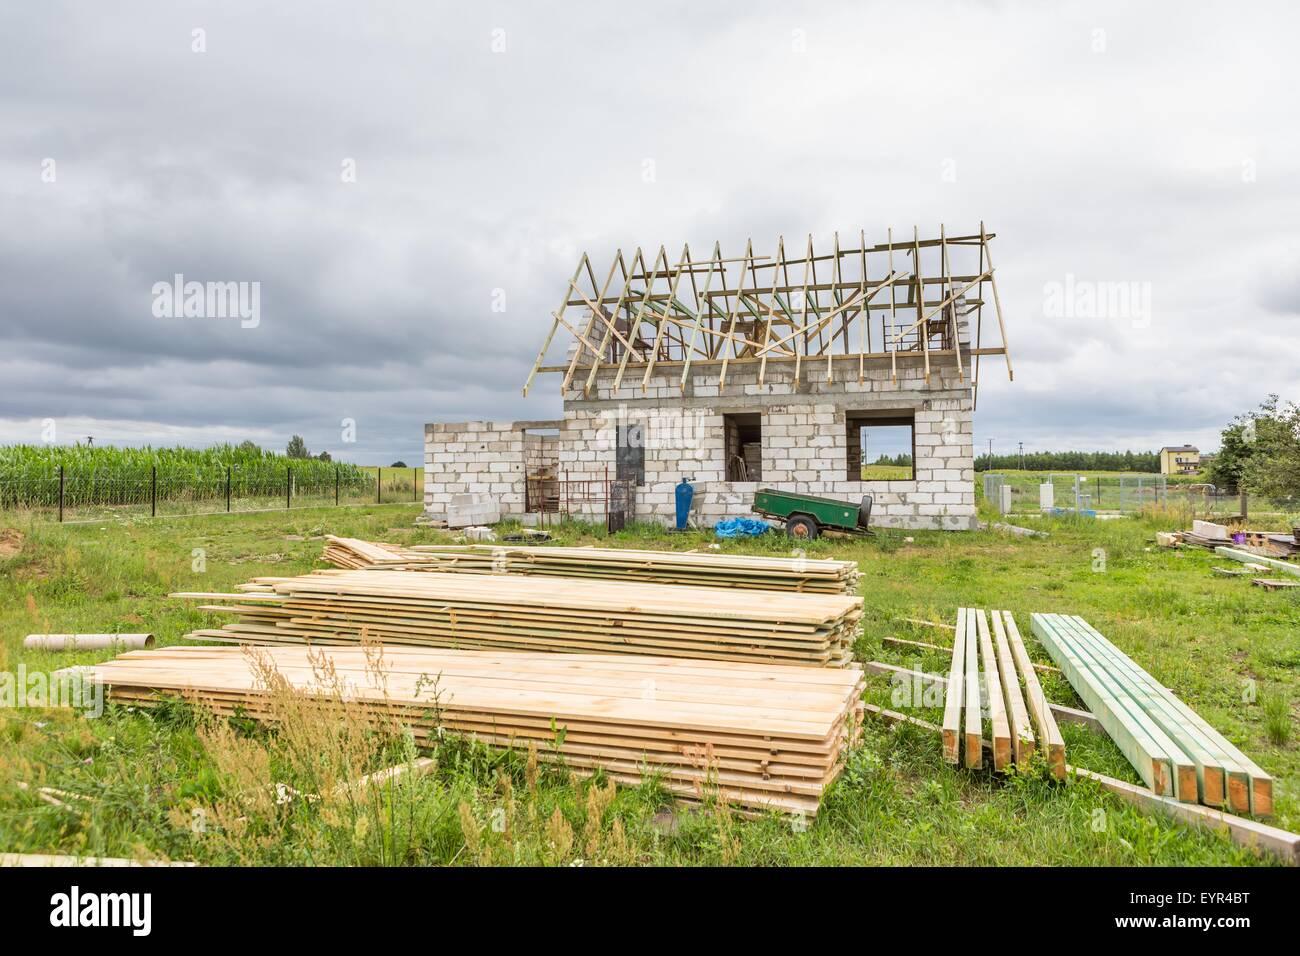 Unfertige Haus in Landschaft. Wir bauen ein Haus im Dorf Europas (in ...